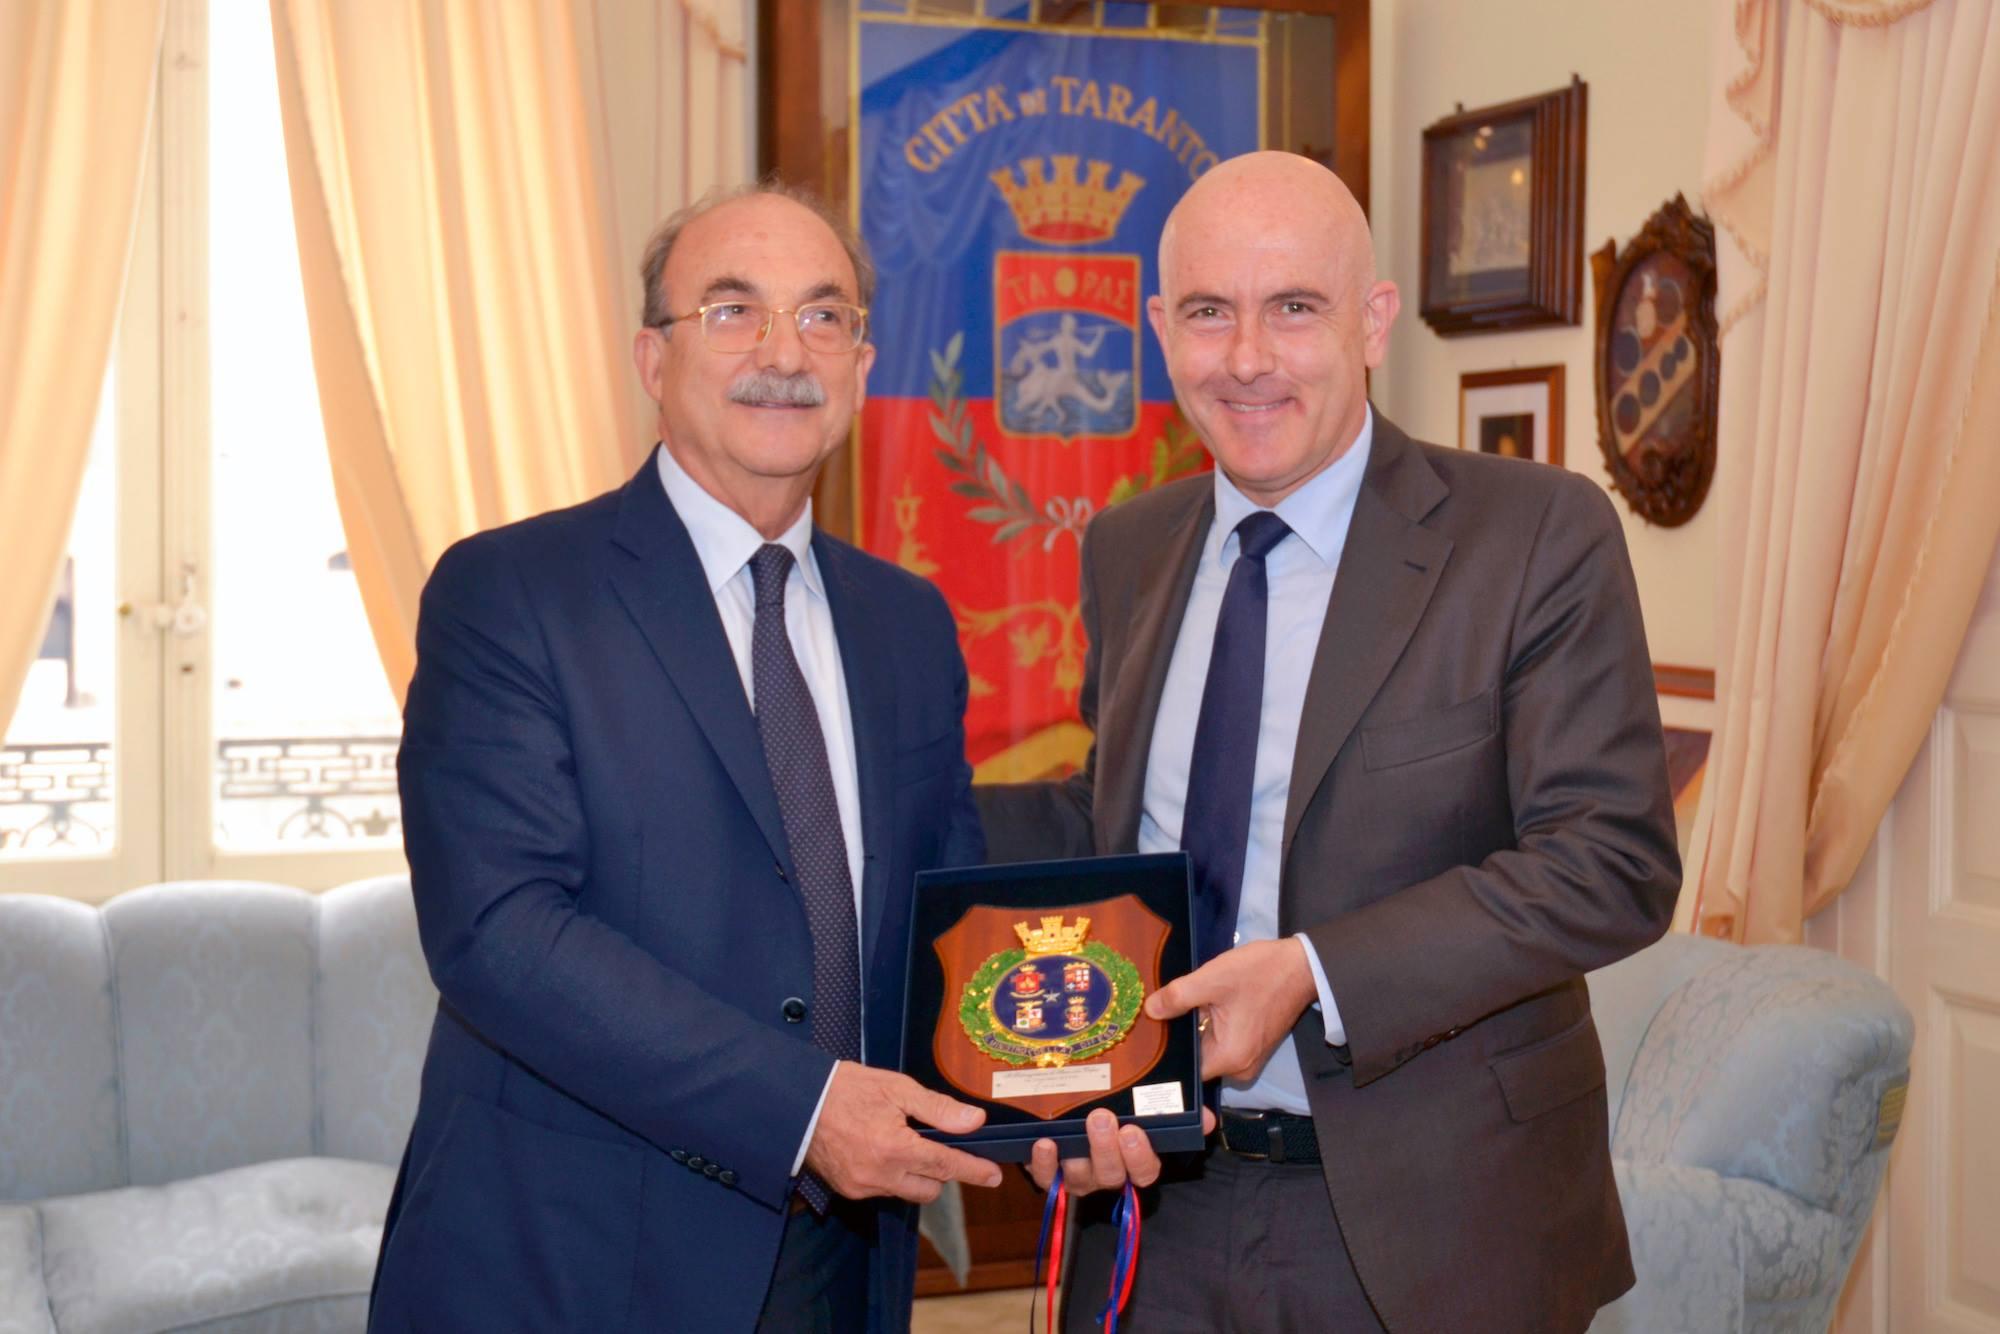 Gioacchino Alfano Inaugurazione centro sportivo marina Militare Taranto